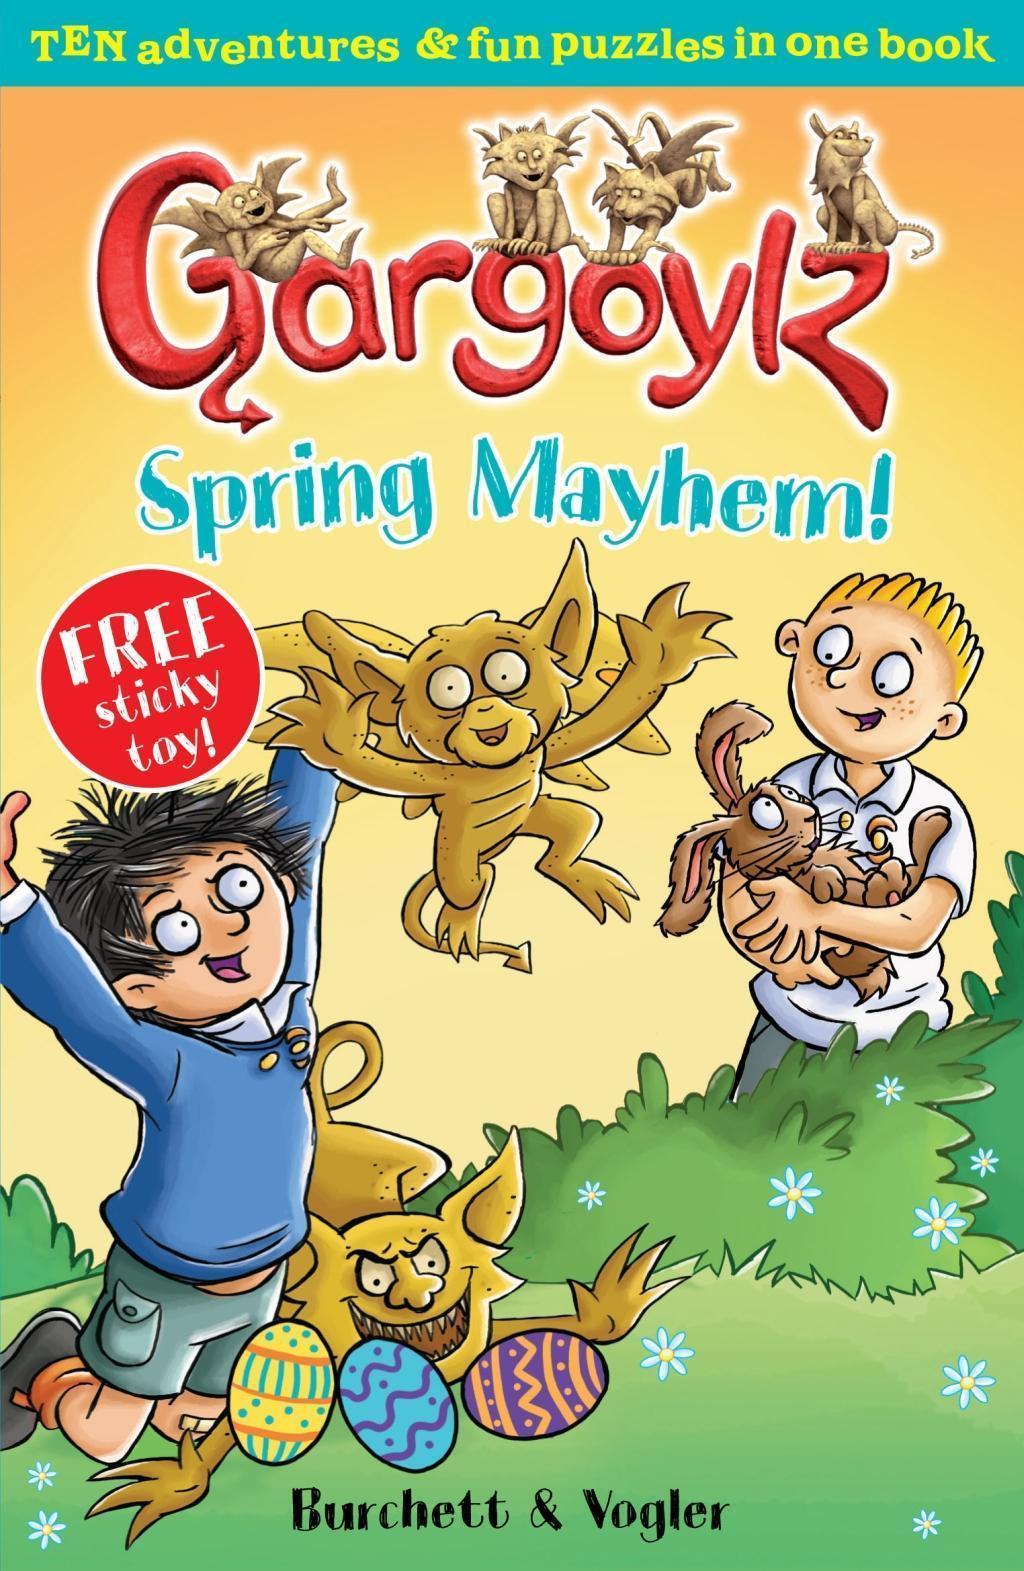 Gargoylz: Spring Mayhem